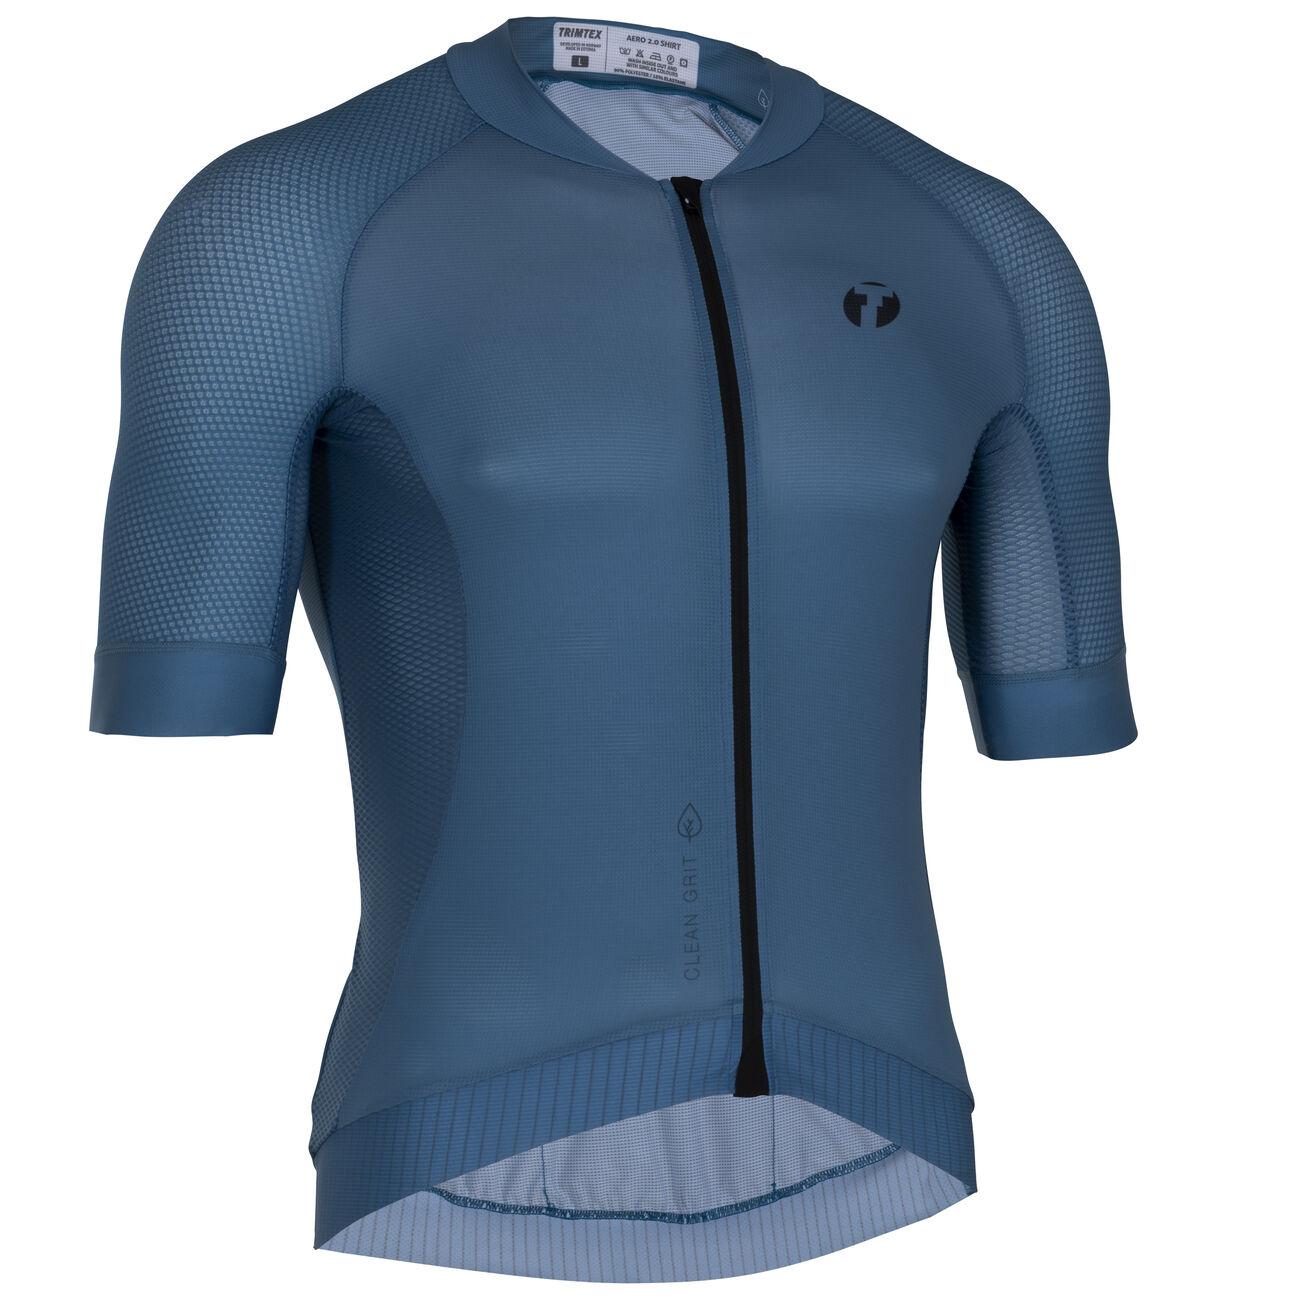 Aero 2.0 cycling shirt men's